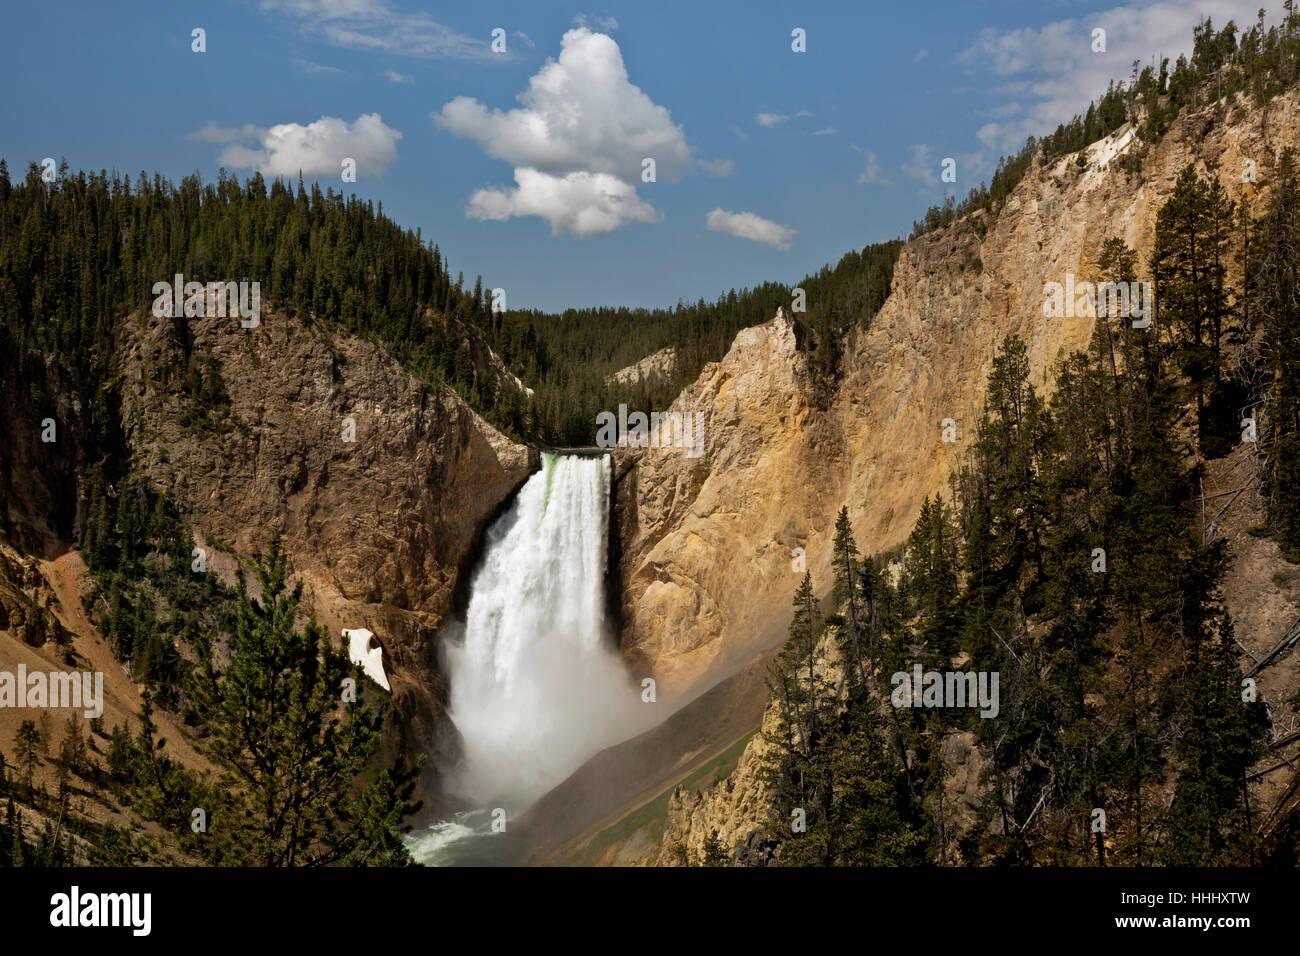 WY02099-00...Washington - Le cascate Inferiori nel Grand Canyon di Yellowstone Fiume nel Parco Nazionale di Yellowstone. Immagini Stock